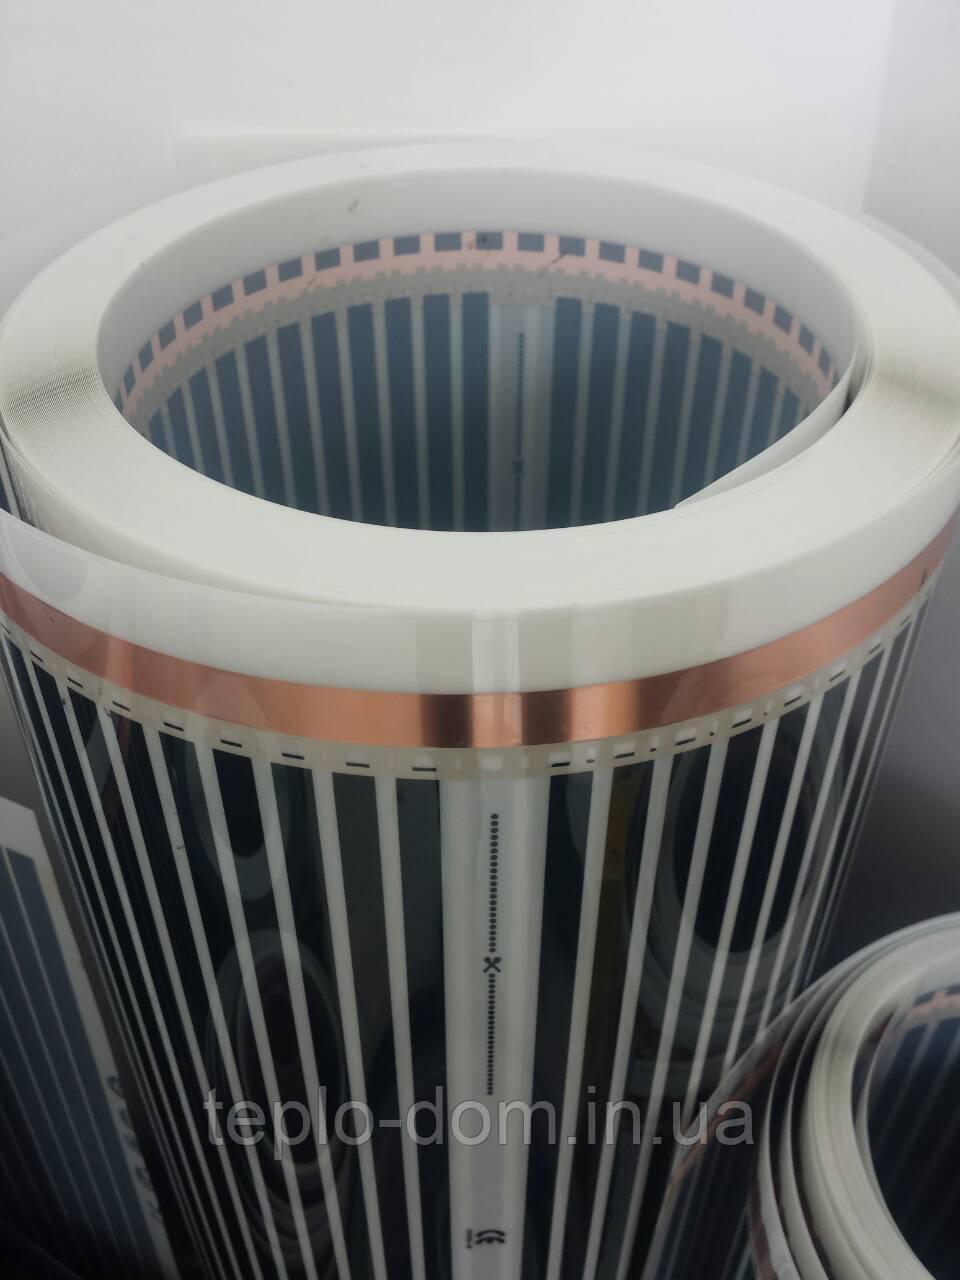 Инфракрасная пленка(с антиискровой сеткой)Премиум 100 см